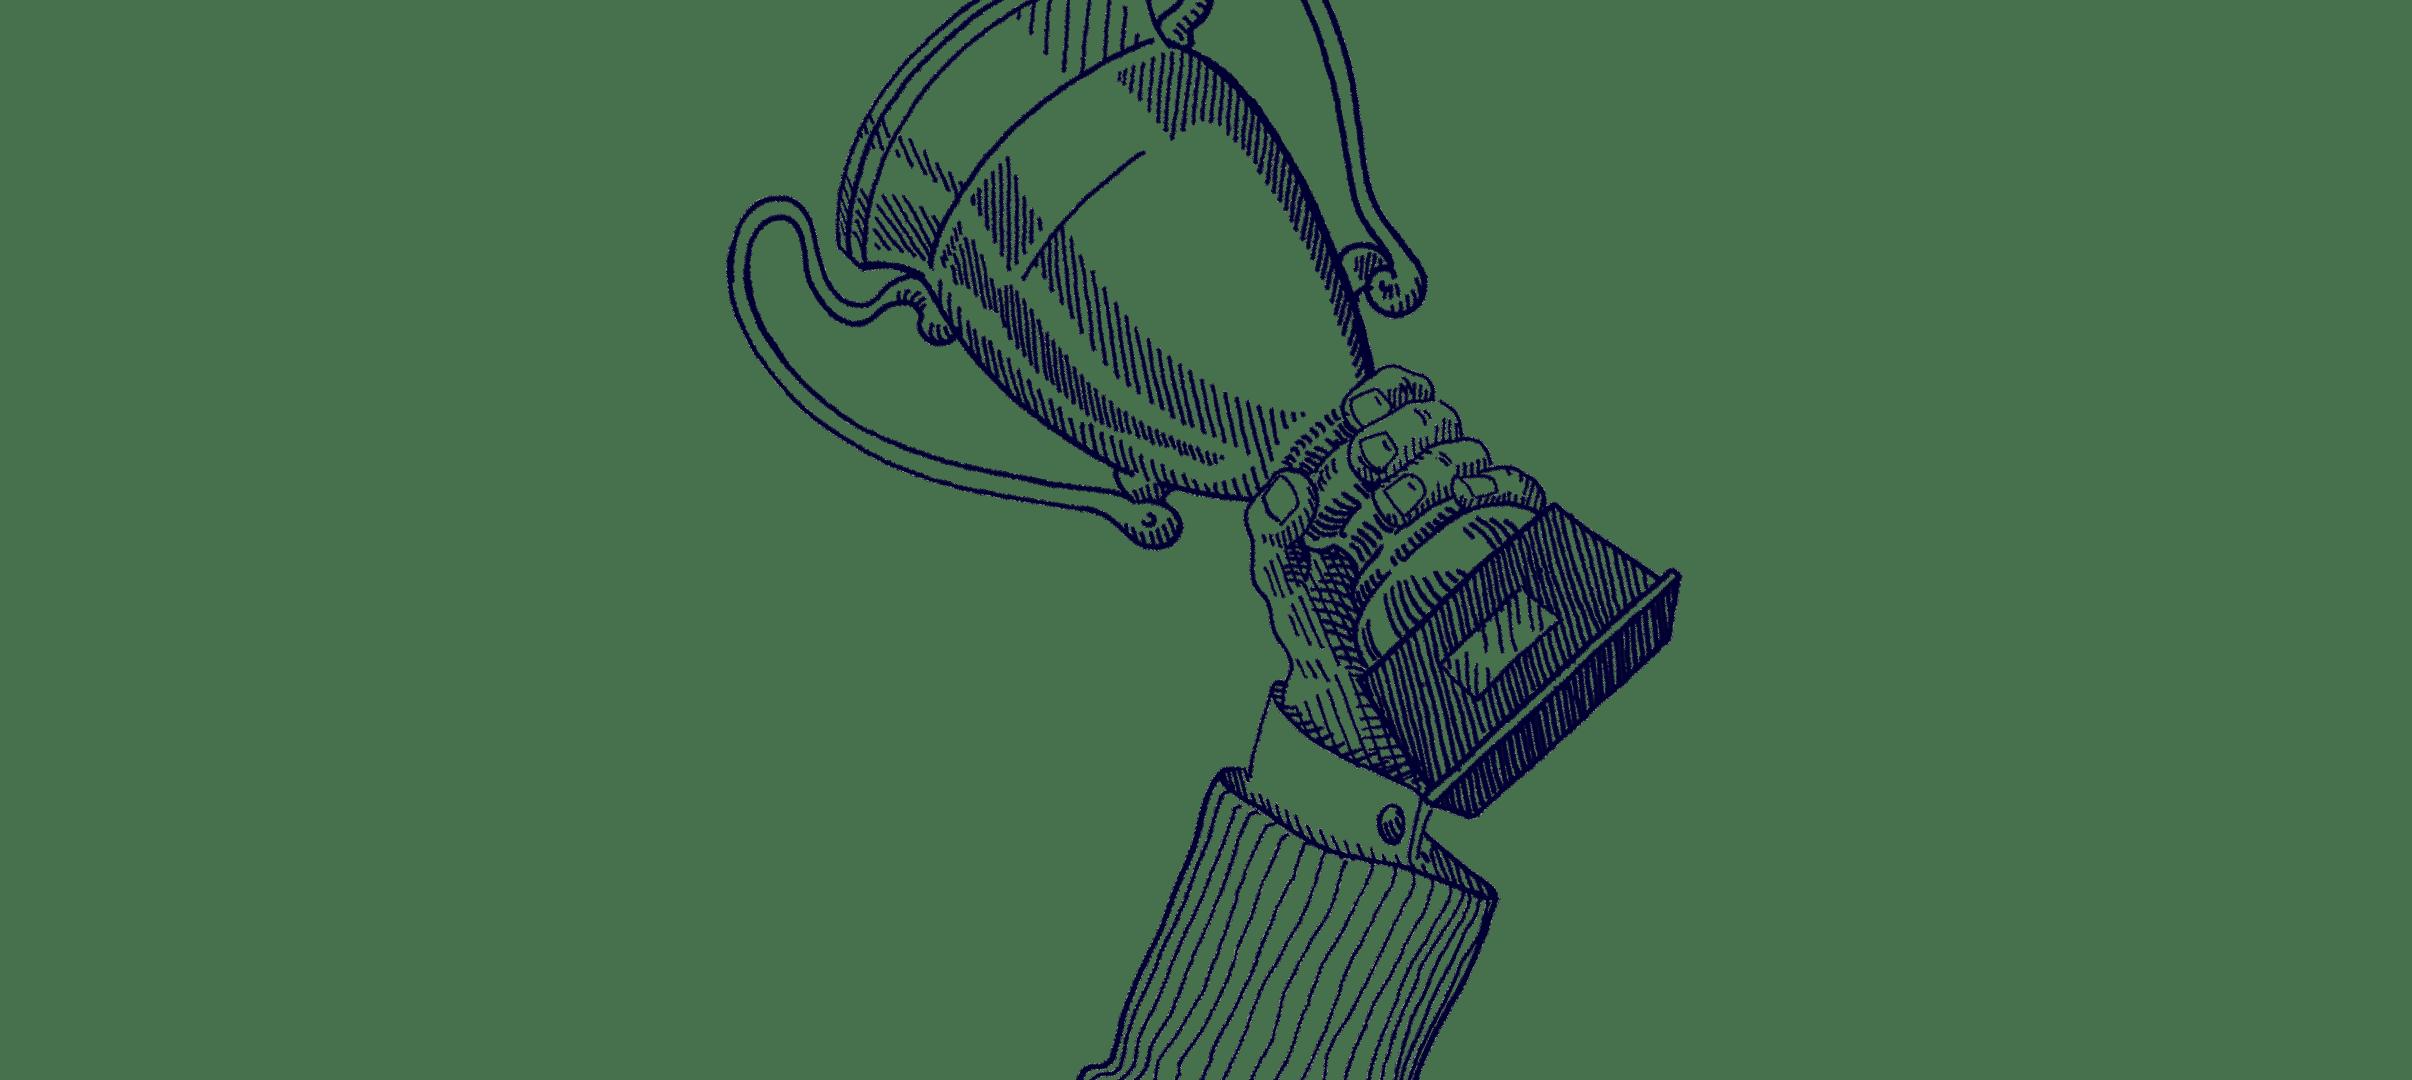 Vergaberecht | Haslinger / Nagele, Illustration: Karlheinz Wasserbacher